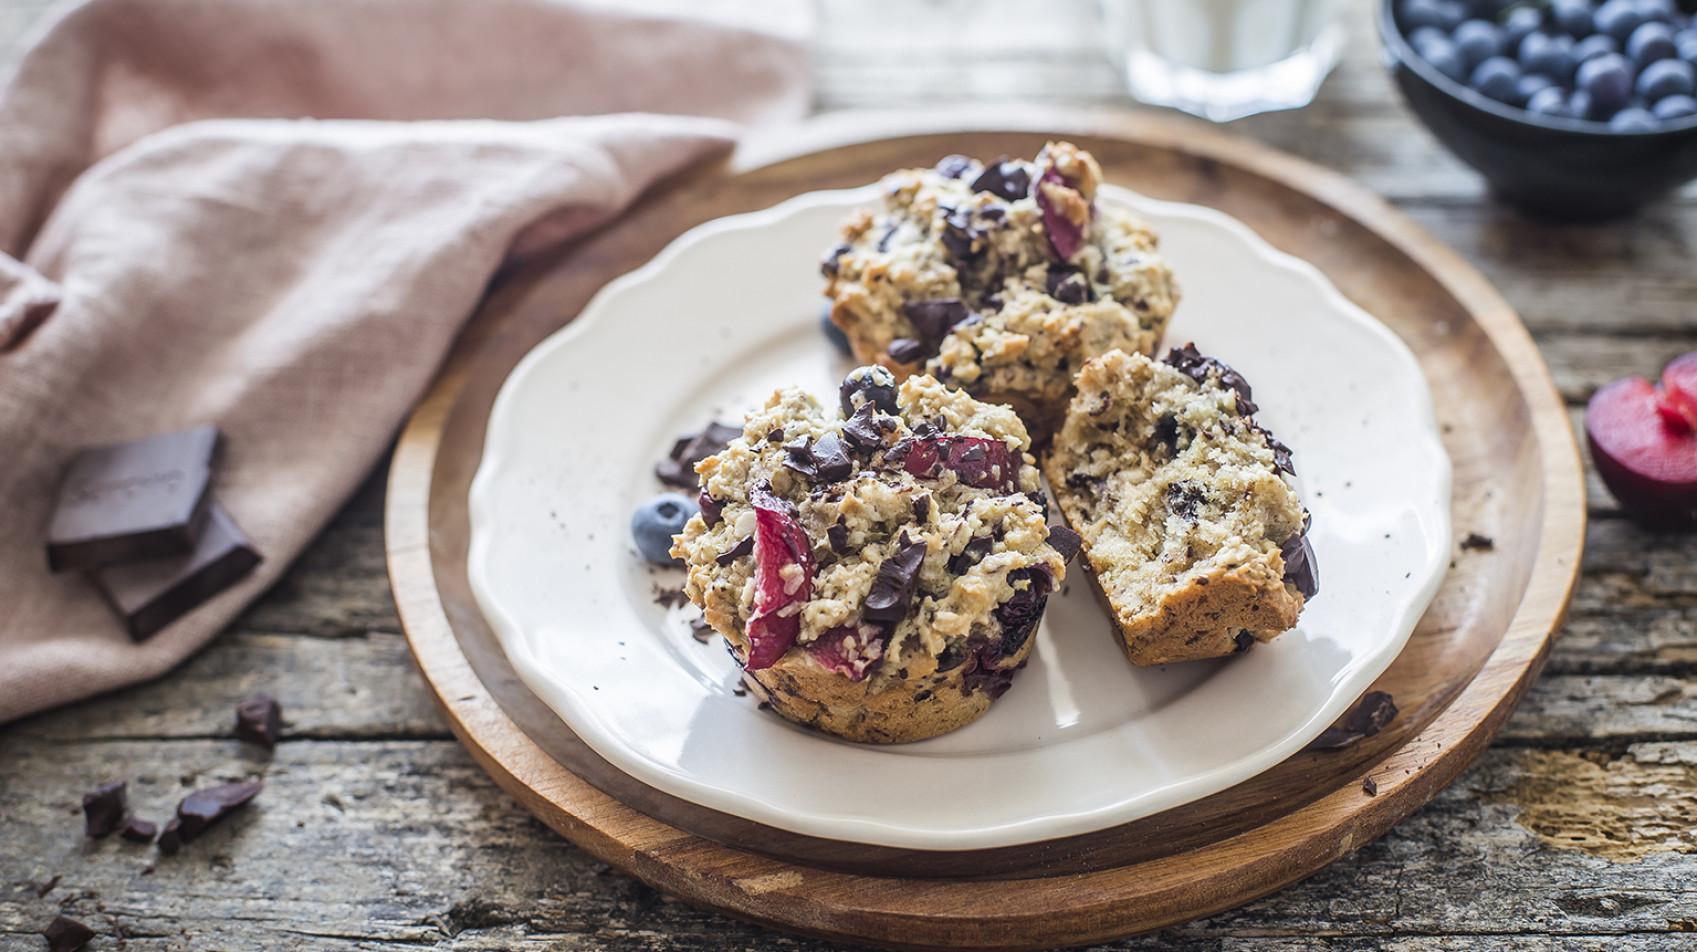 Muffin con cioccolato e frutta